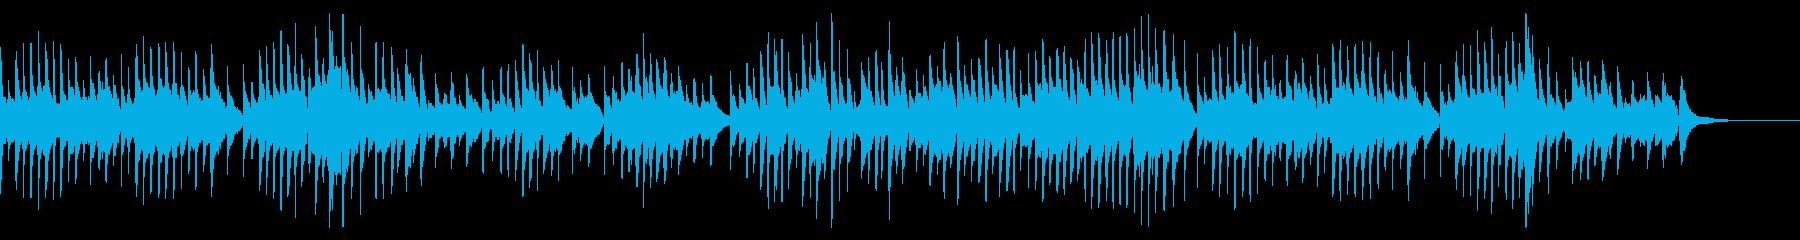 琴でエルガー『愛の挨拶』をアレンジの再生済みの波形